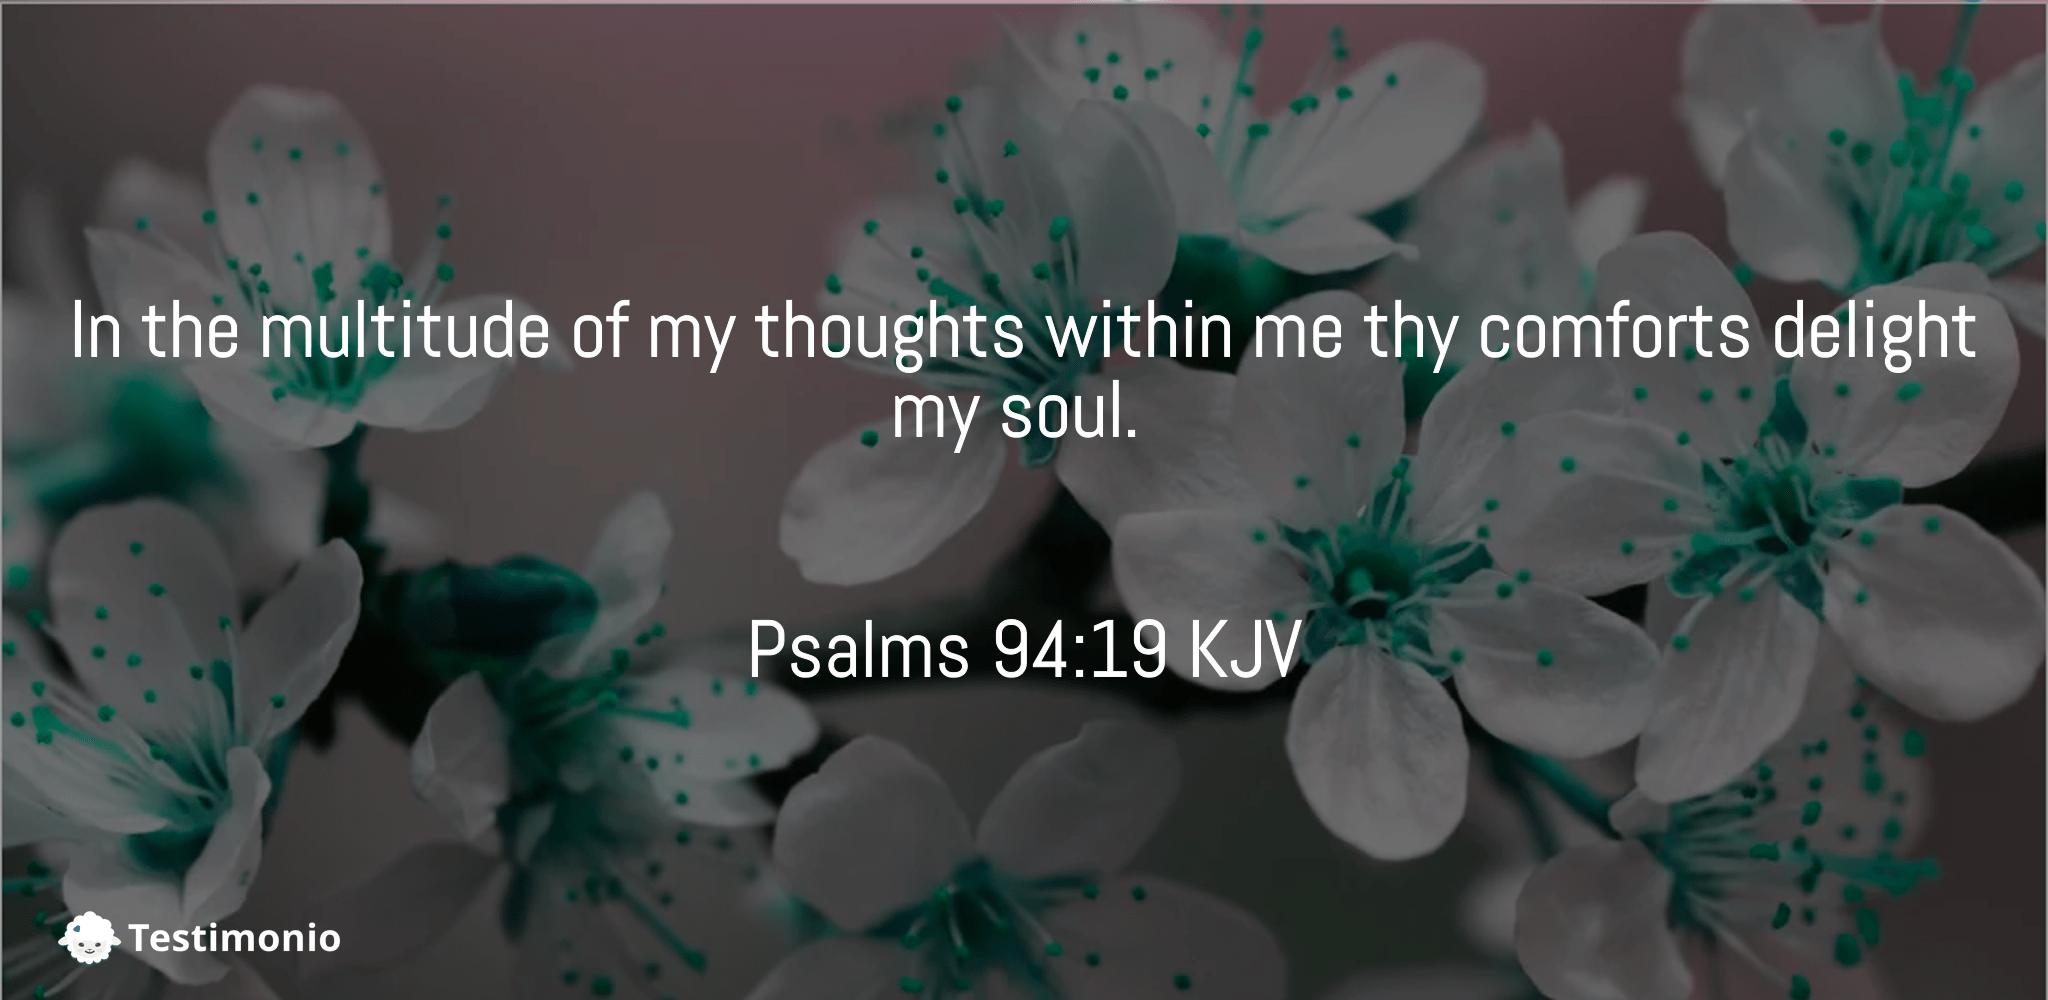 Psalms 94:19